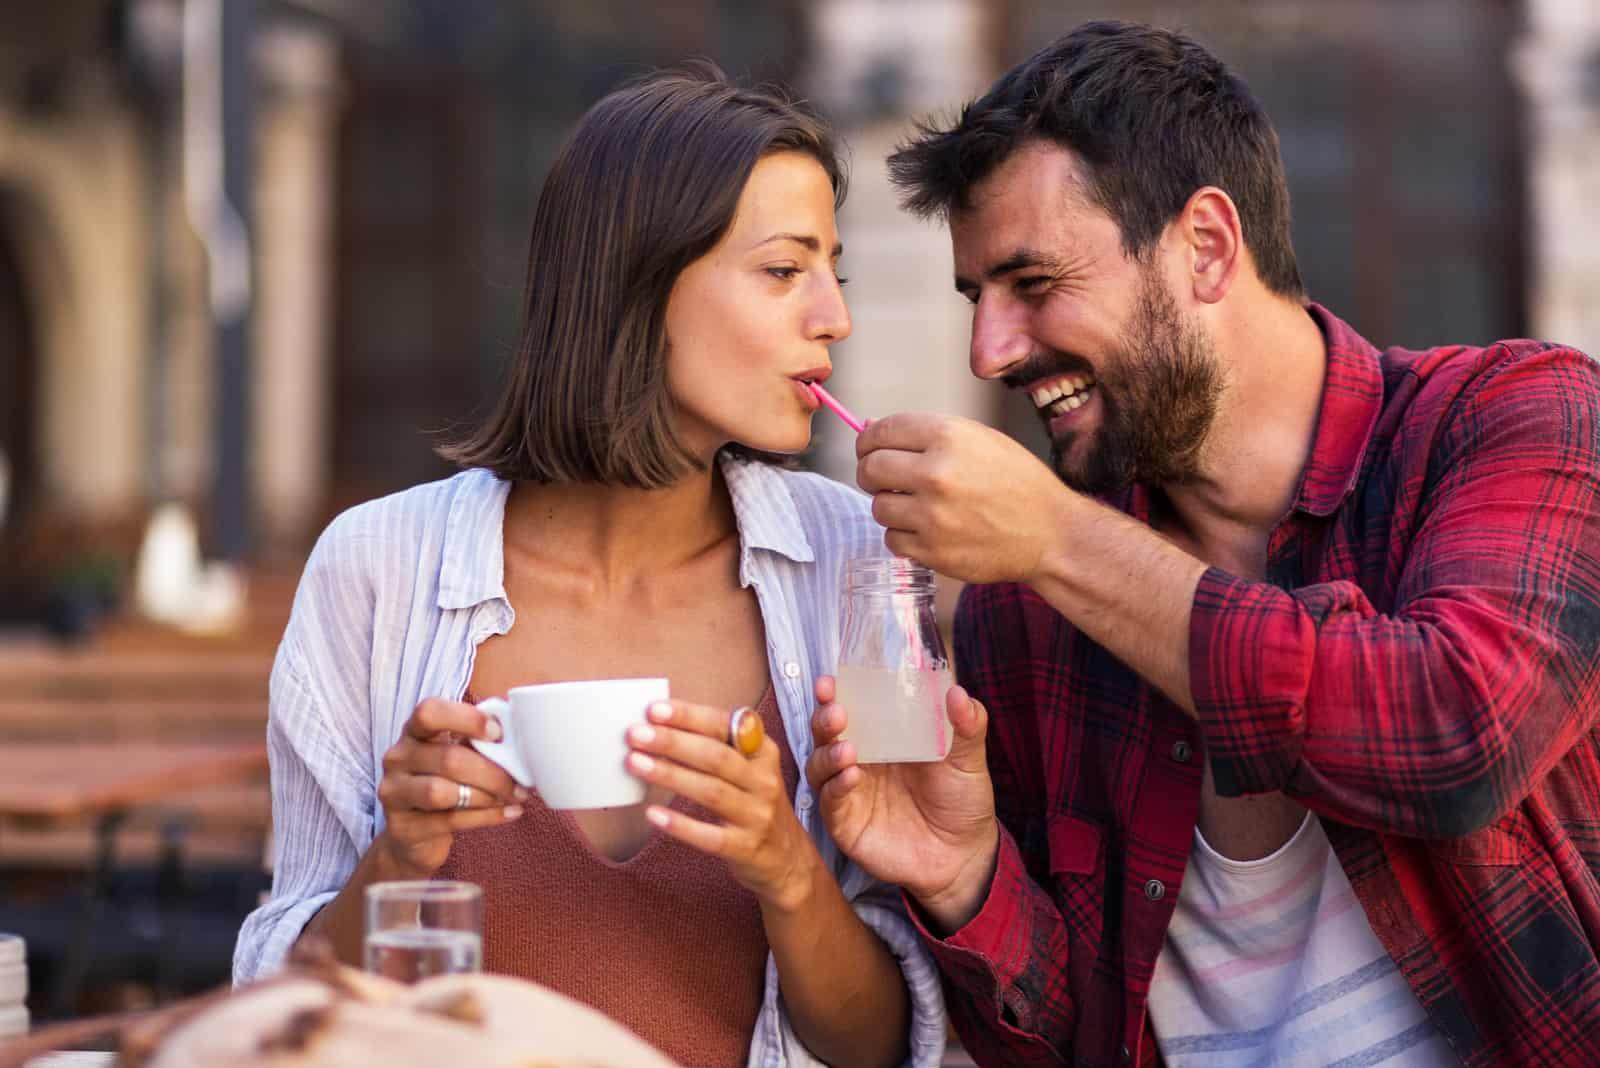 l'homme rit en donnant à la femme le jus à boire à une paille